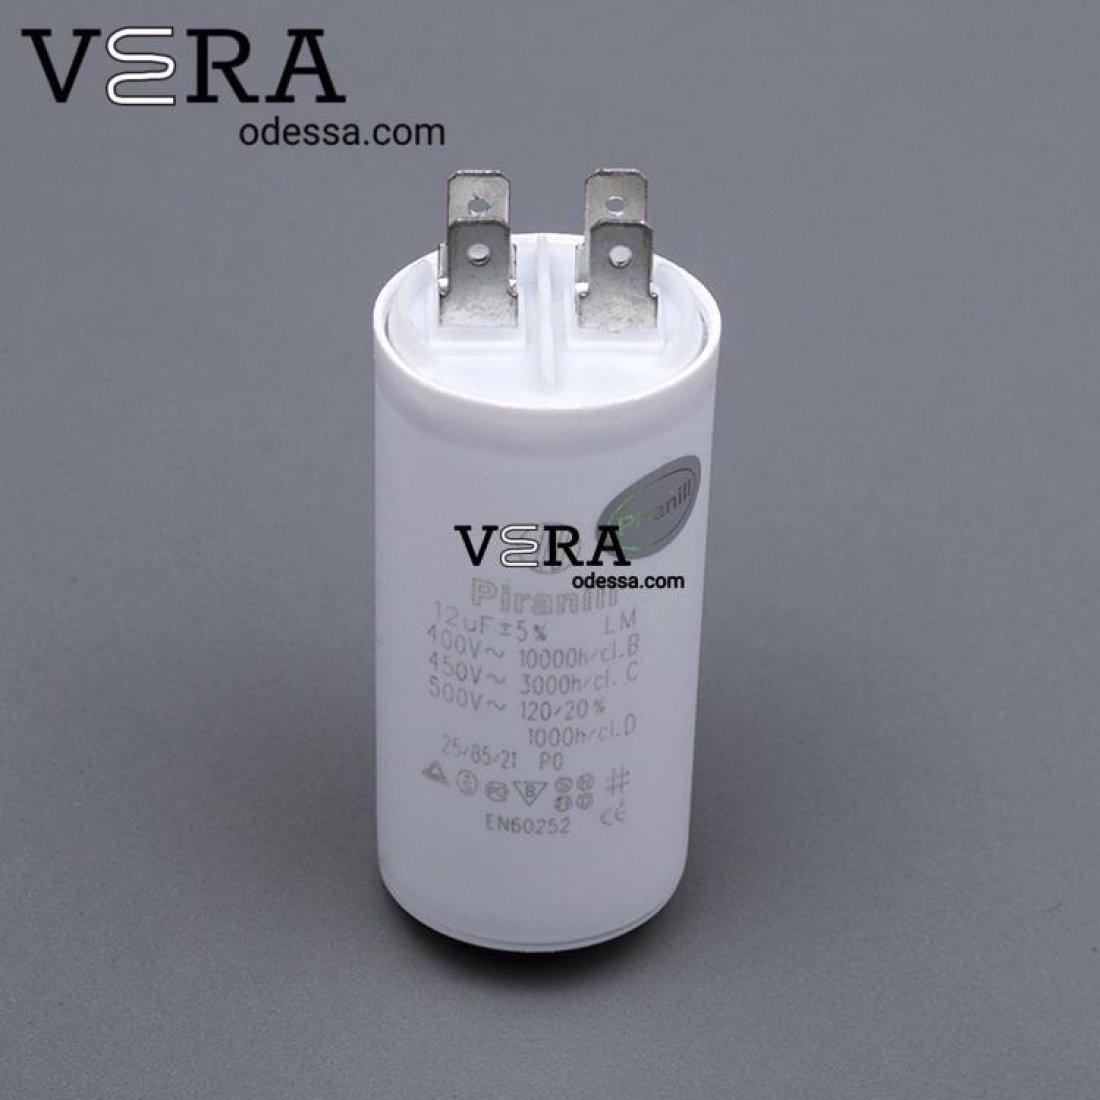 Купить конденсатор 12 МКФ оптом, фотография 1